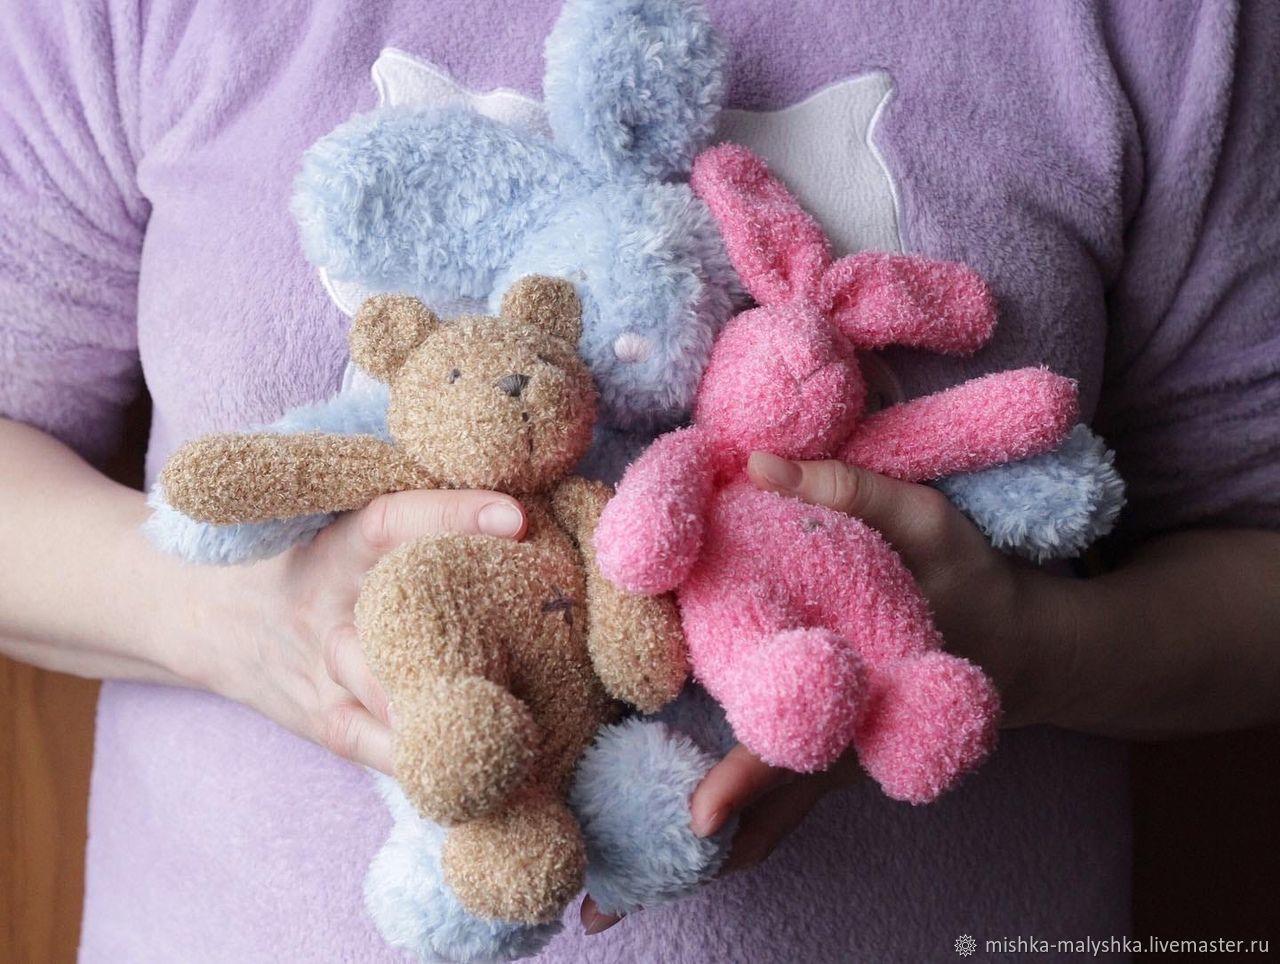 Мишка - первая игрушка малыша, Мягкие игрушки, Москва,  Фото №1